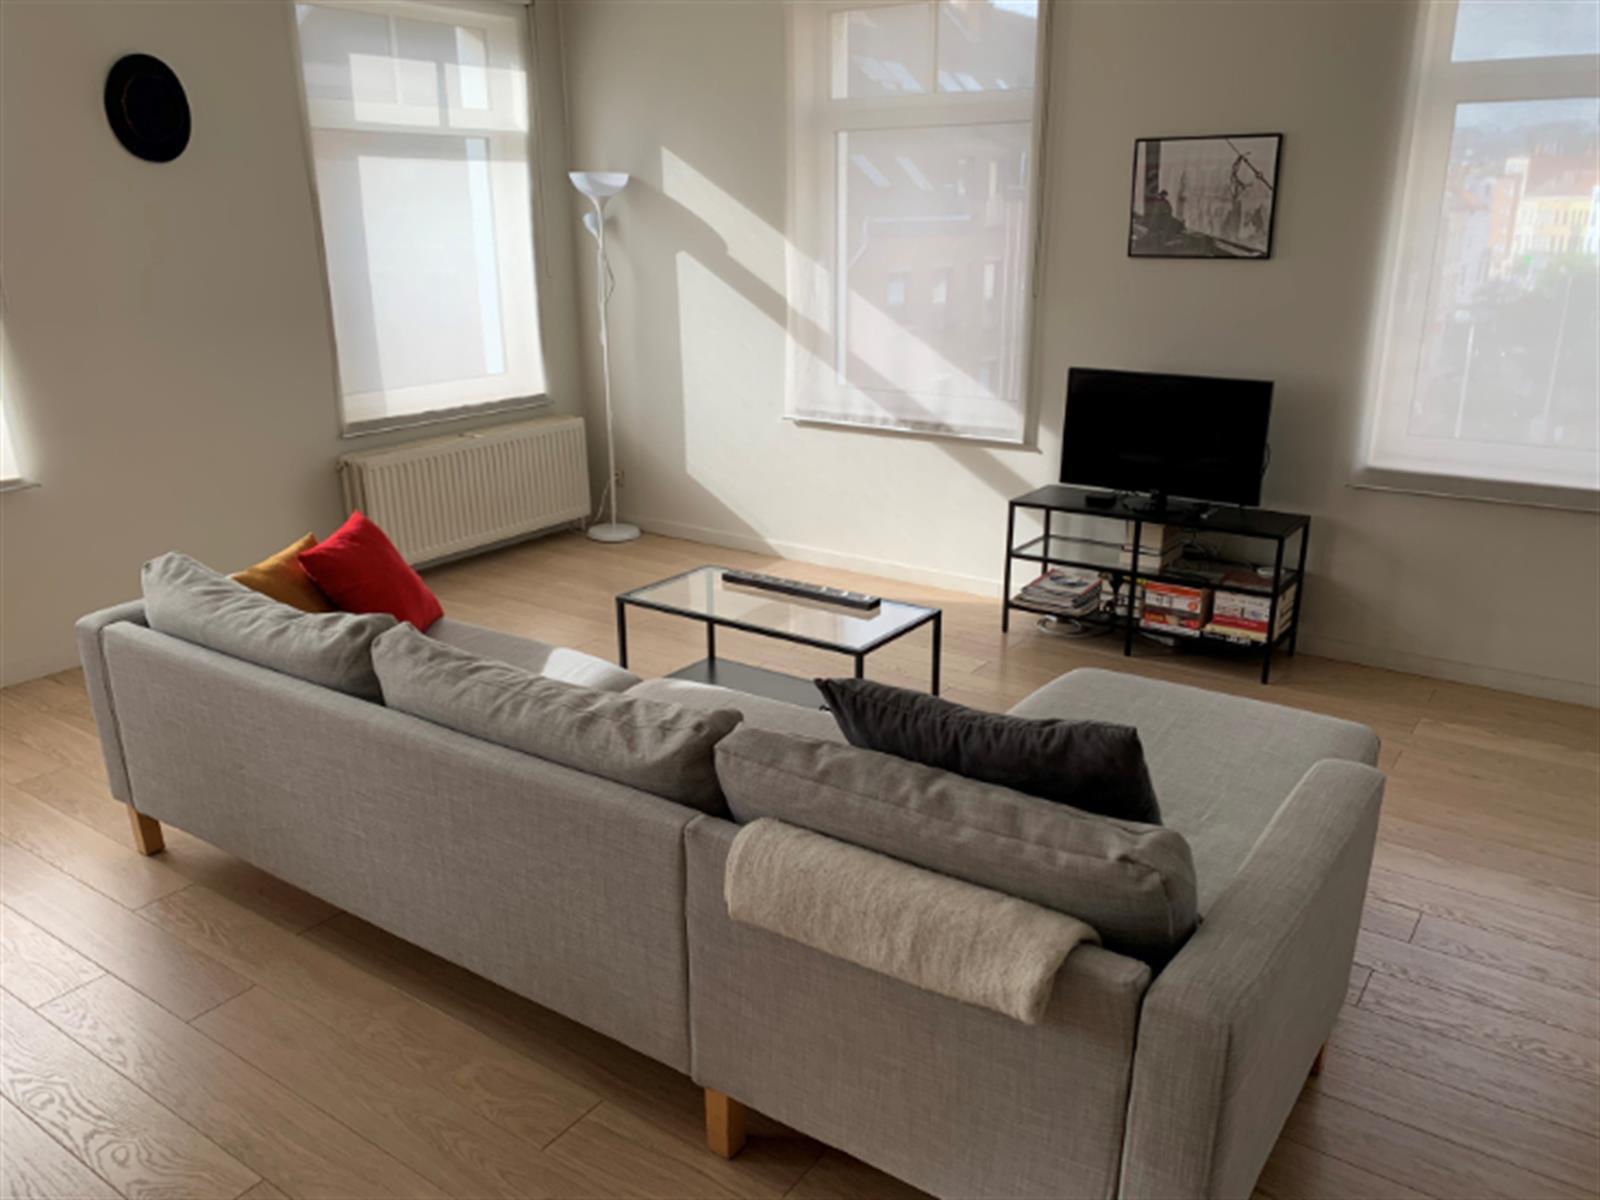 Appartement - Etterbeek - #4430645-3